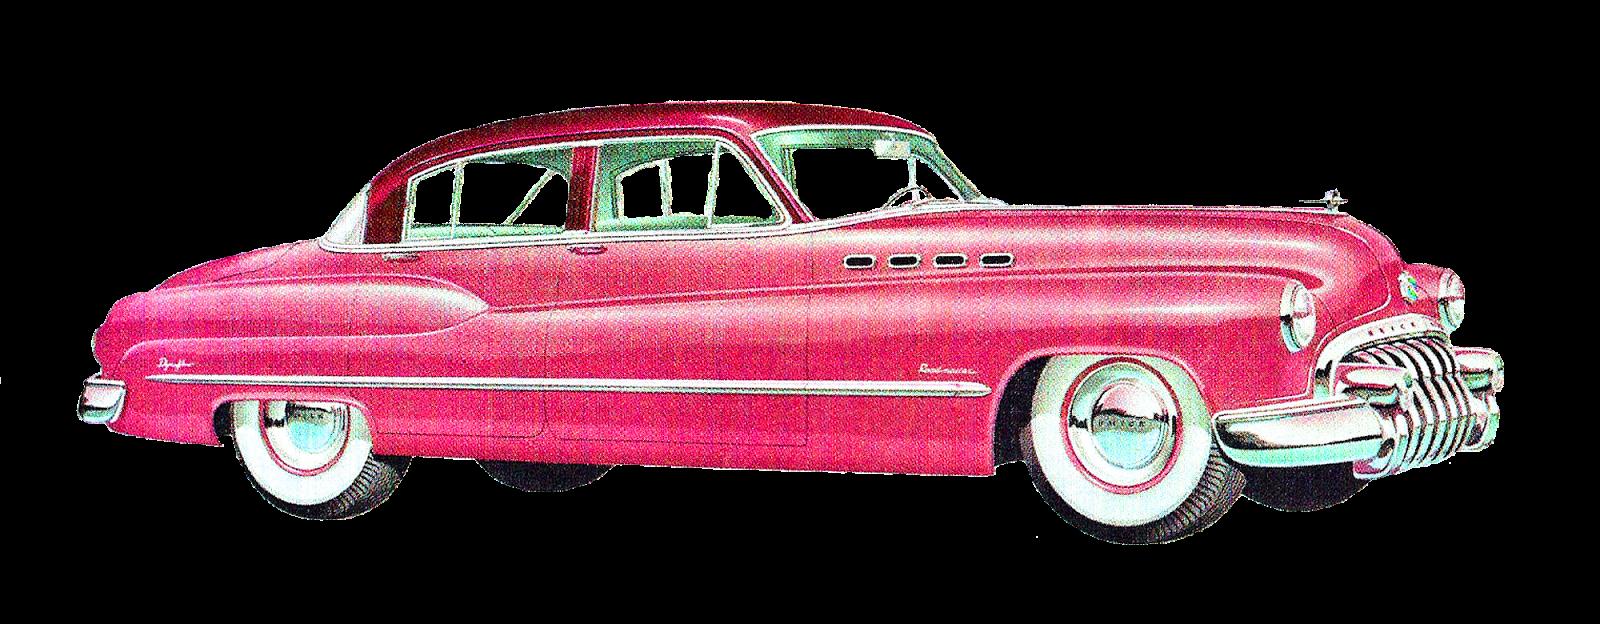 1600x624 Antique Images Vintage Old Car Artwork Illustrations Buick Dodge